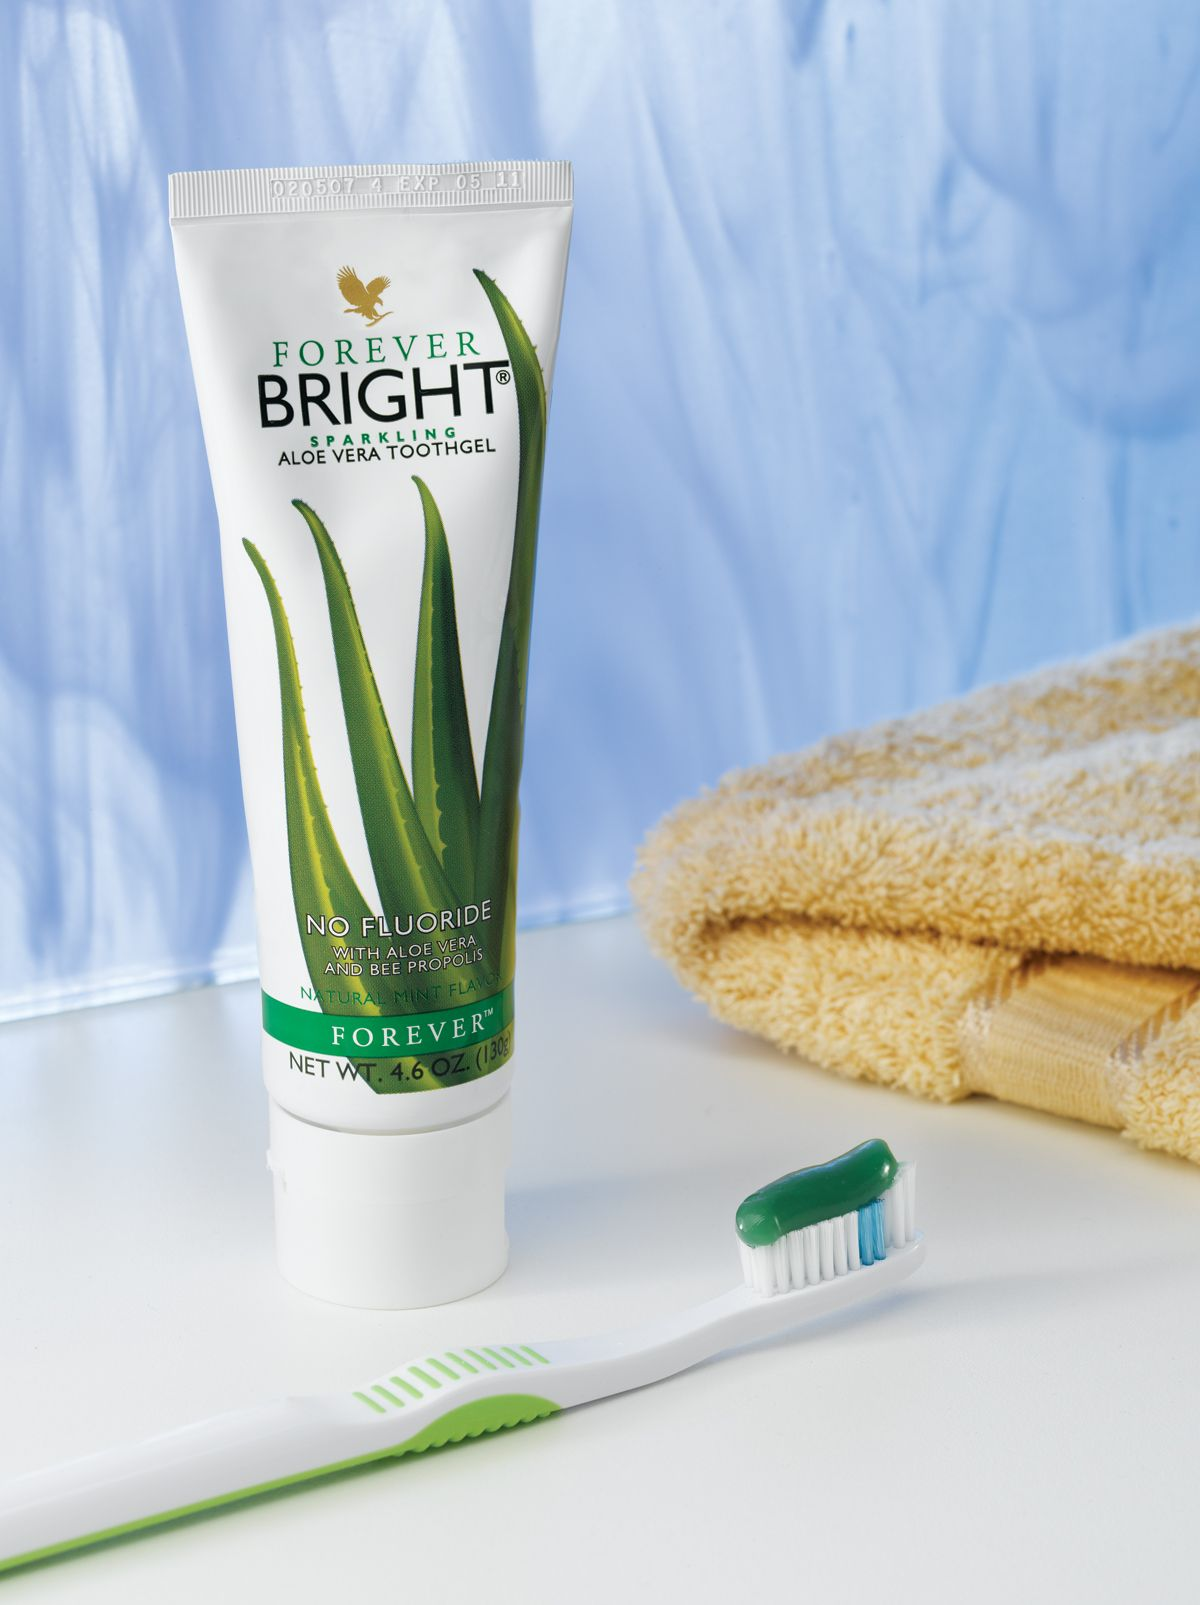 Forever bright toothgel está formulada para toda la familia no